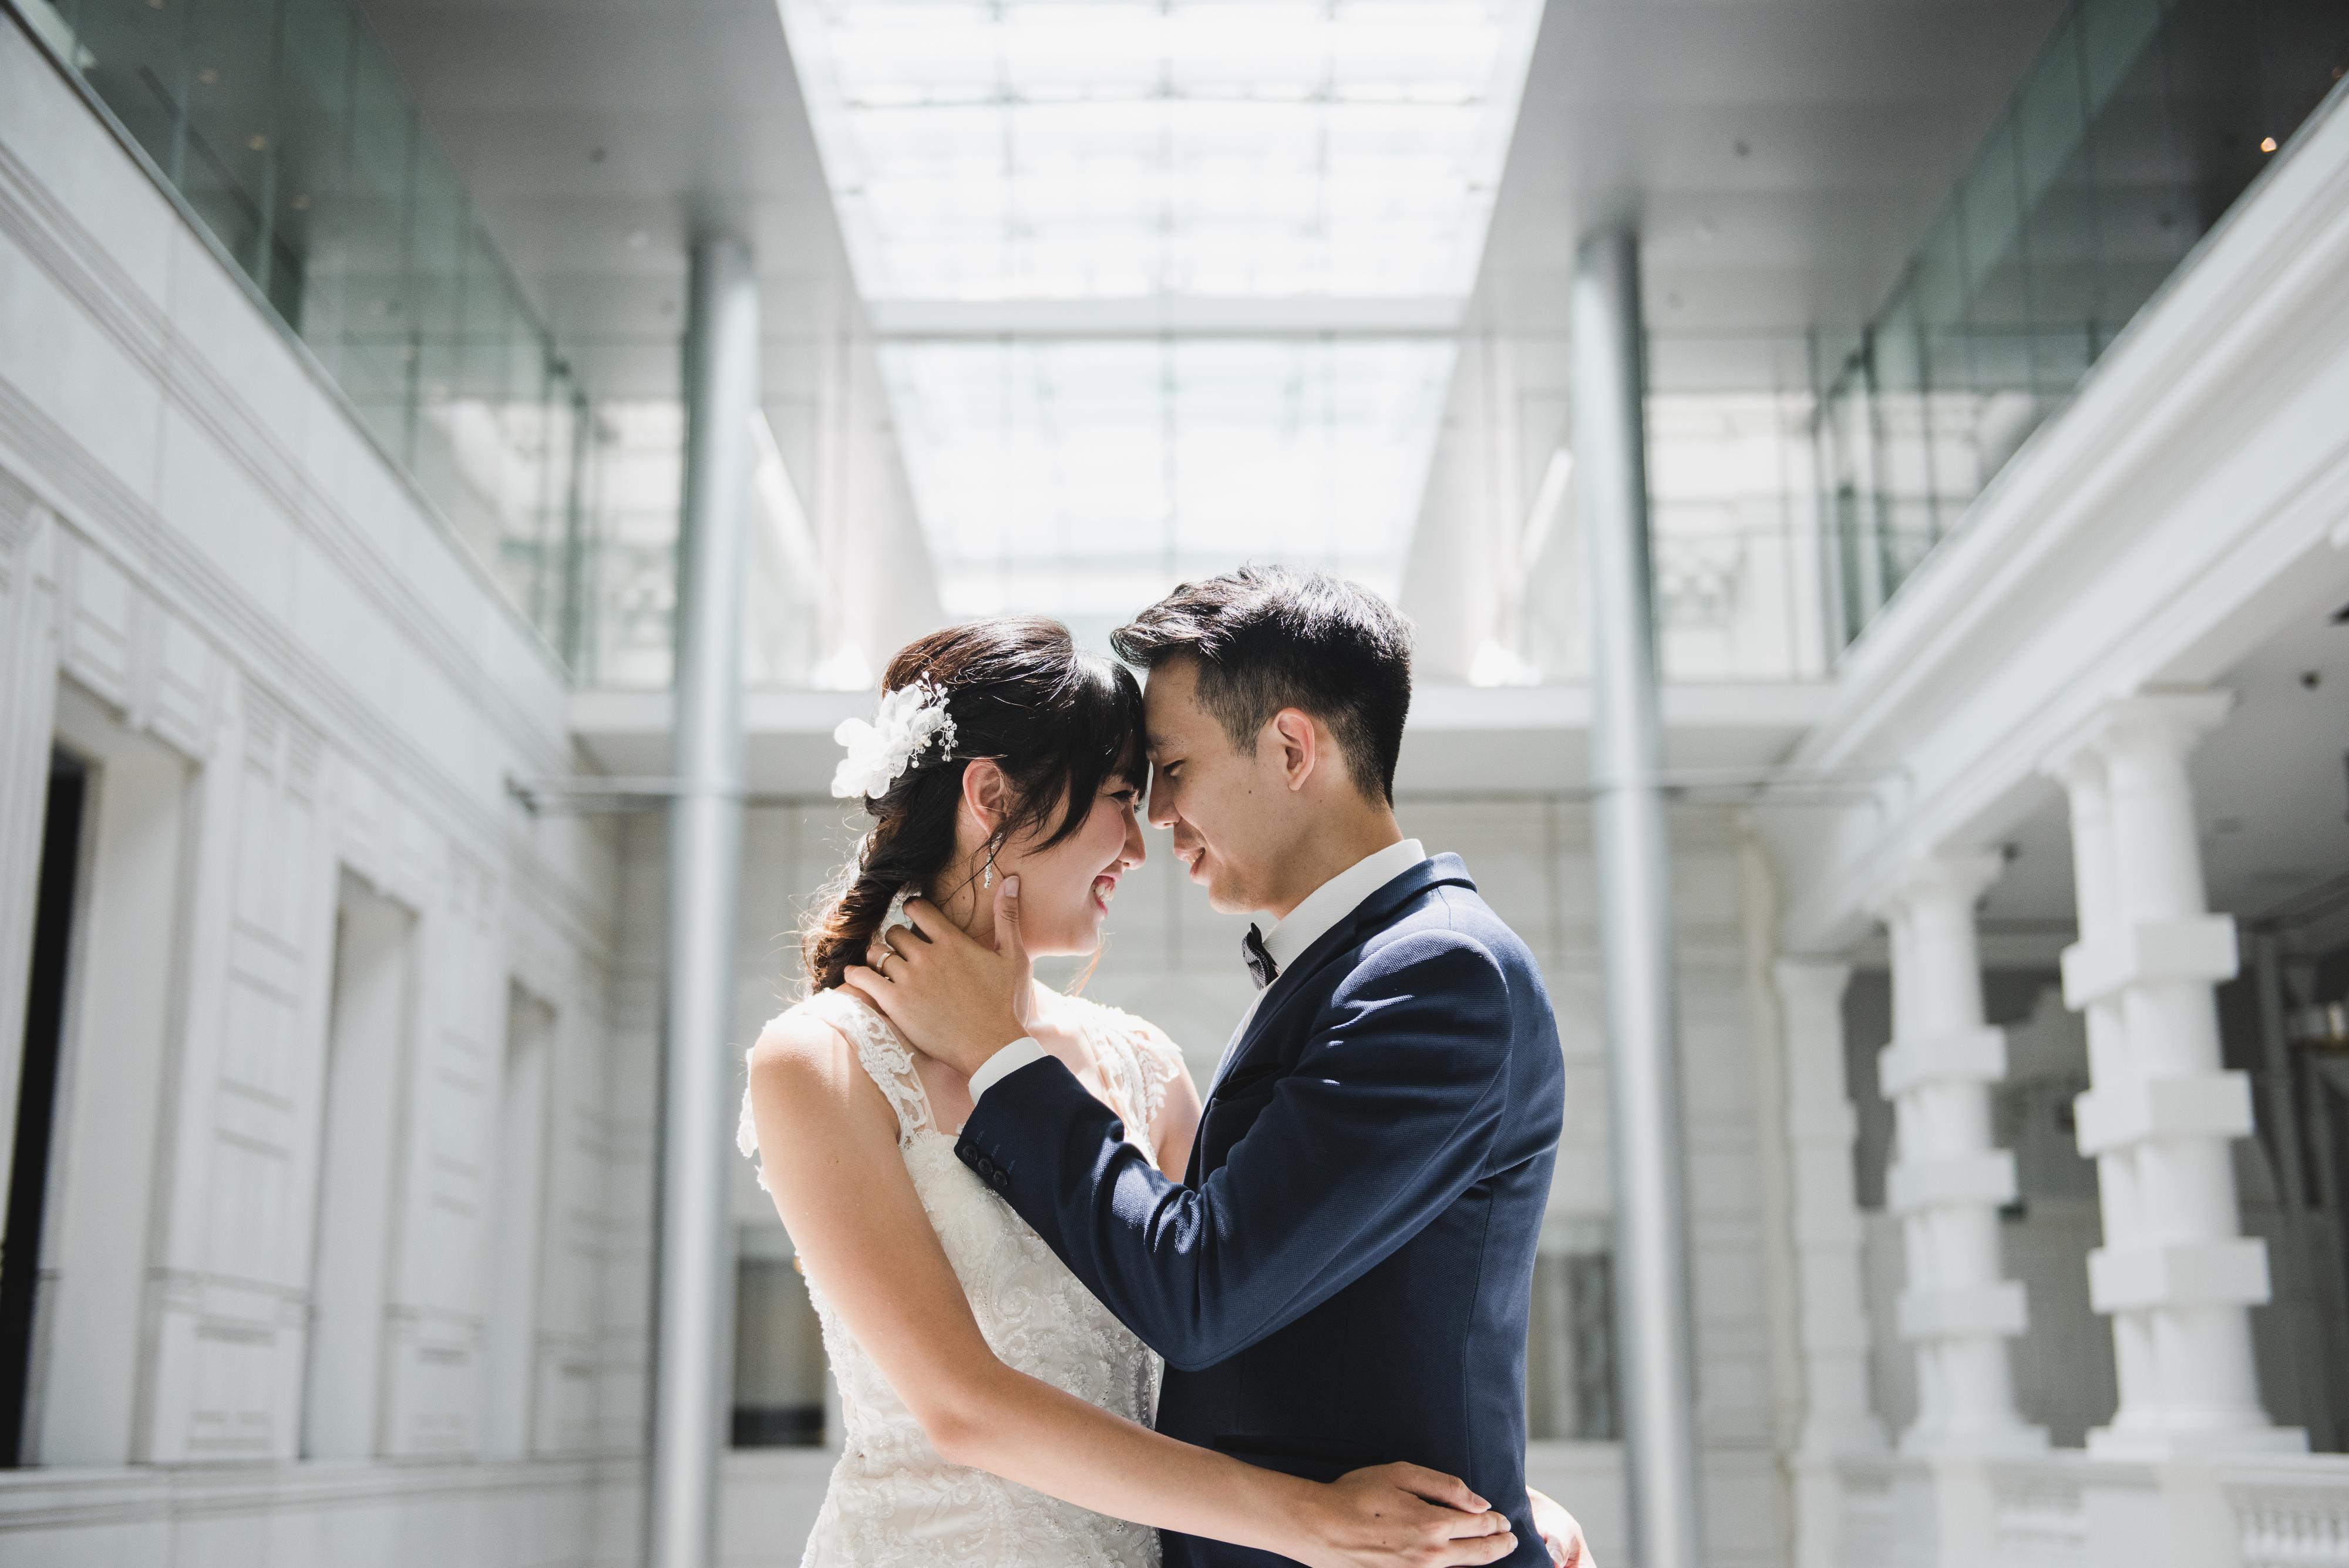 Zhi Sheng & Alina - PW-31